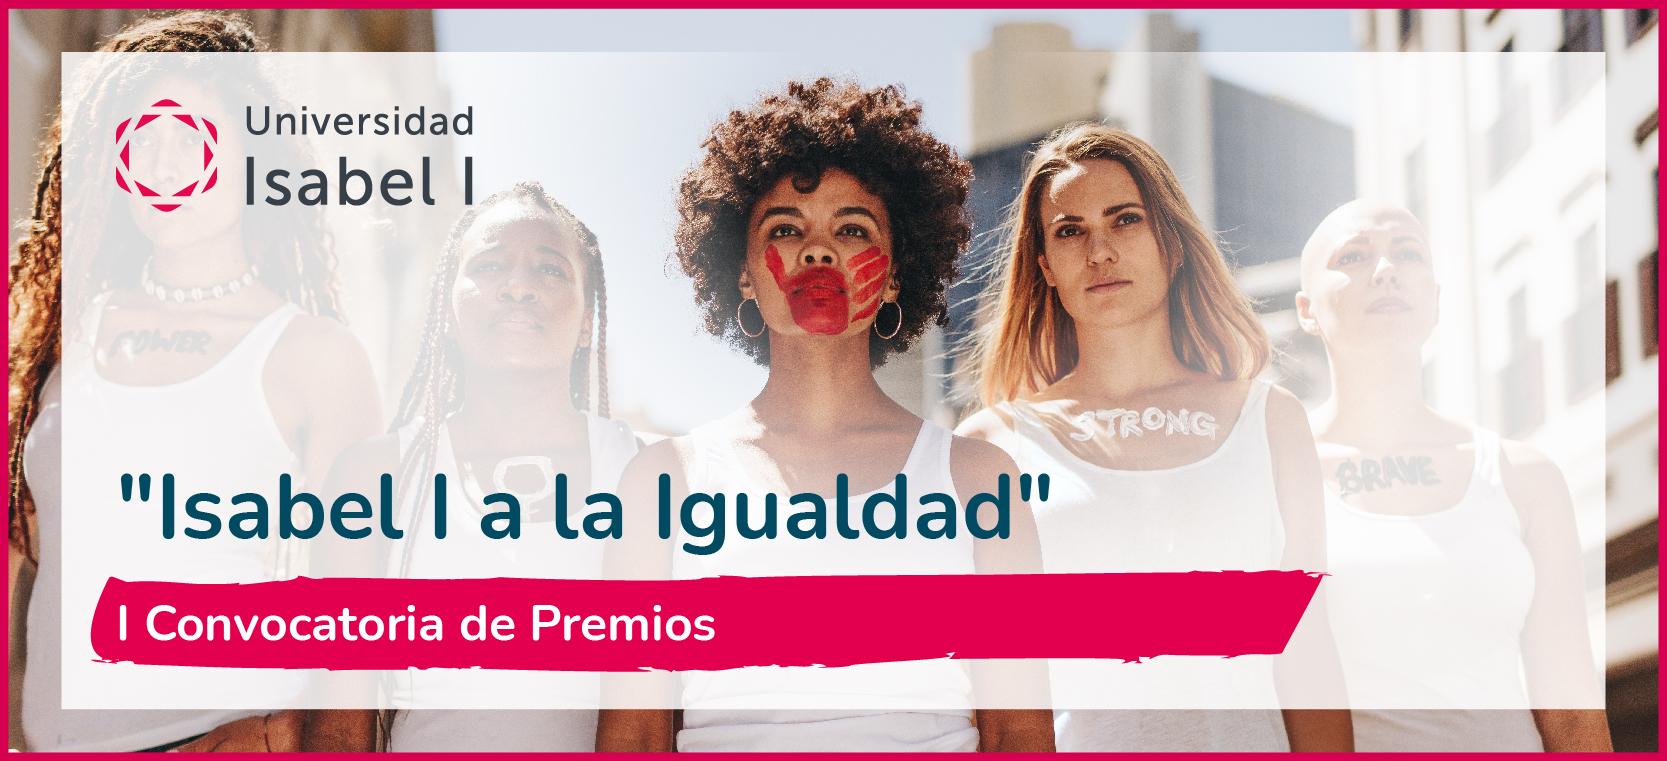 Cartel de la convocatoria de premios Isabel I a la Igualdad, con mujeres con la cara pintada